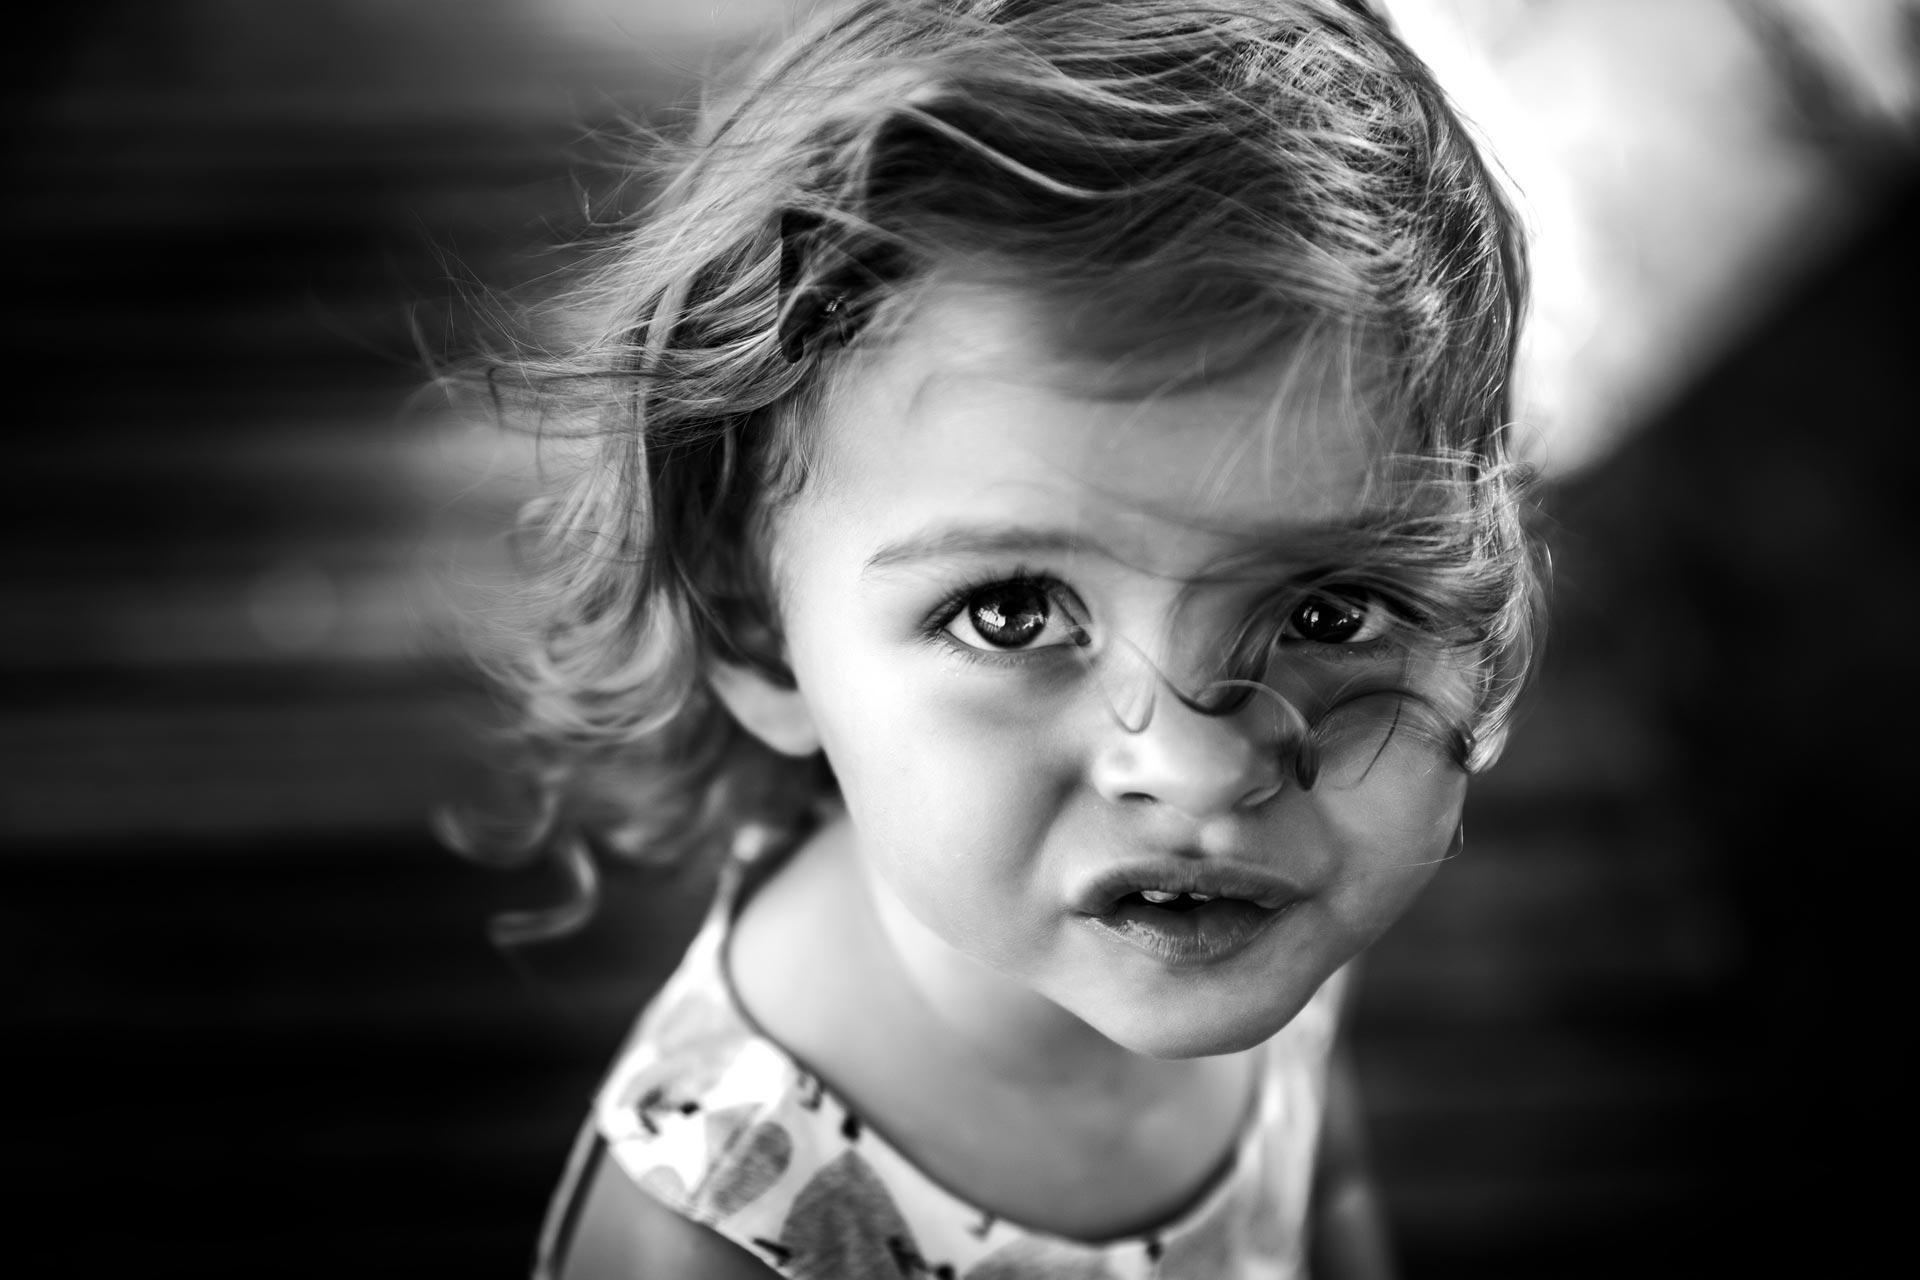 petite fille noir et blanc a bourg-en-bresse